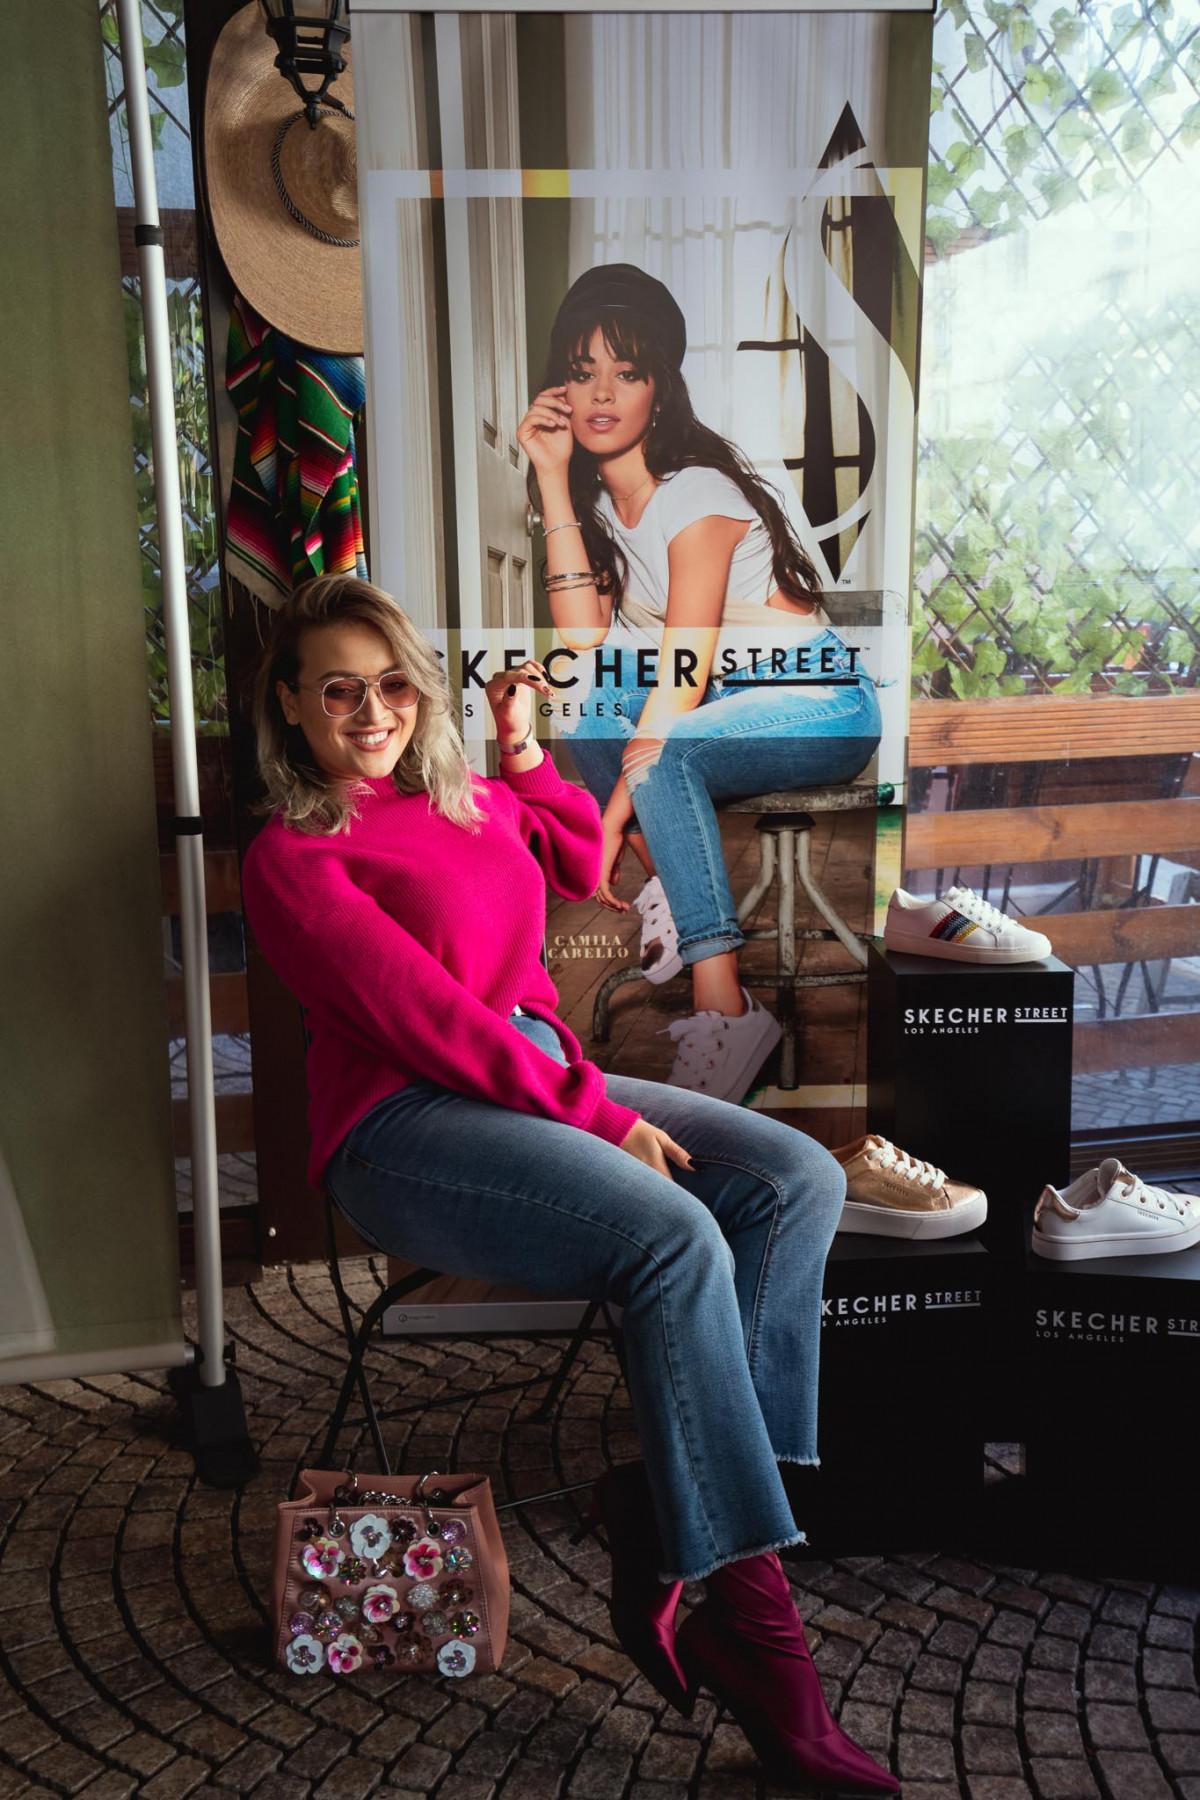 SKECHERS lansează Street Collection x Camila Cabello pe